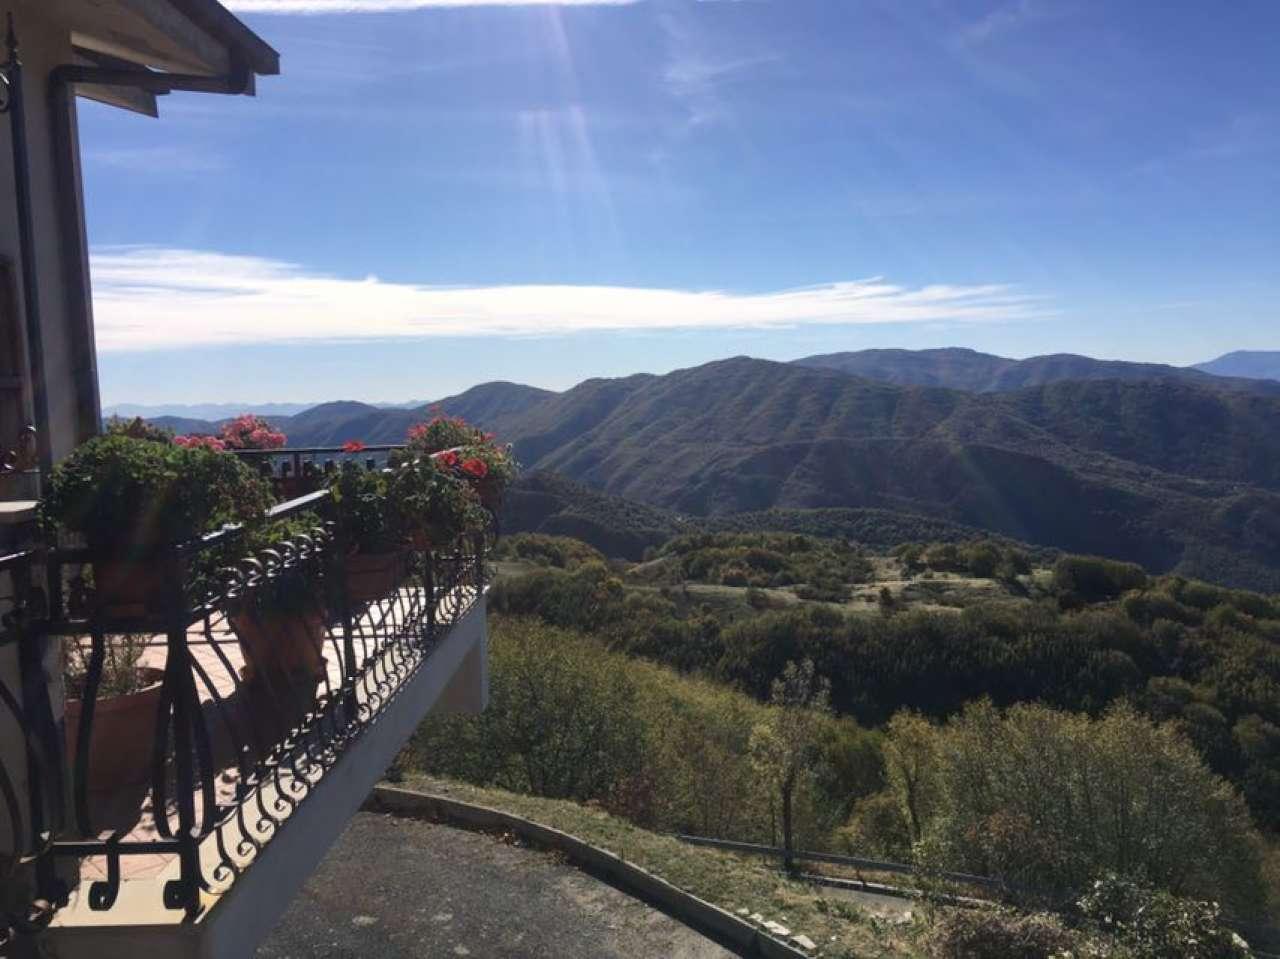 Villa Bifamiliare in vendita a Subiaco, 4 locali, prezzo € 80.000 | CambioCasa.it